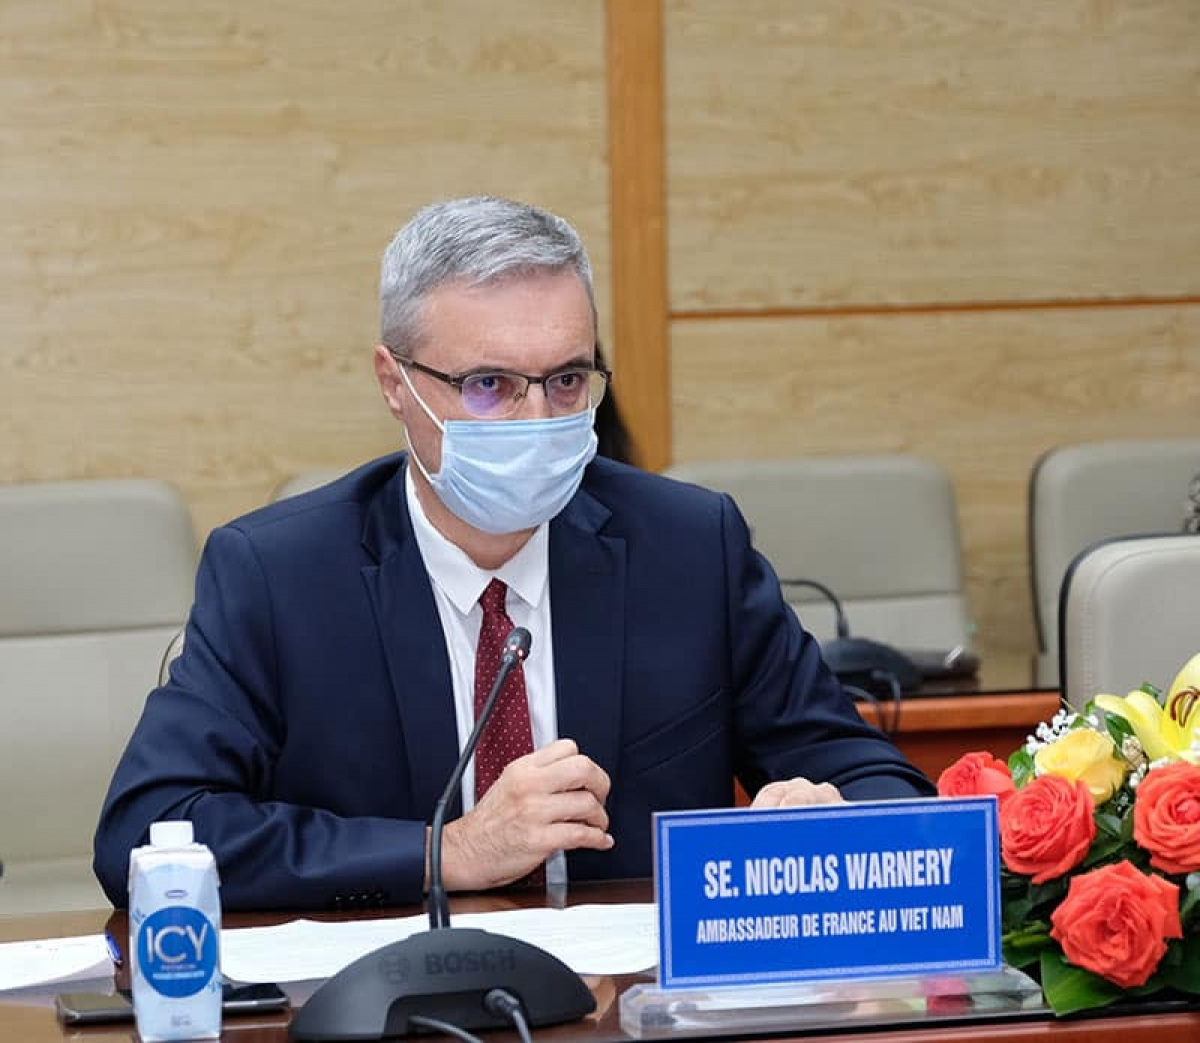 Đại sứ Pháp Nicolas Warnery. (Ảnh: Trần Minh)